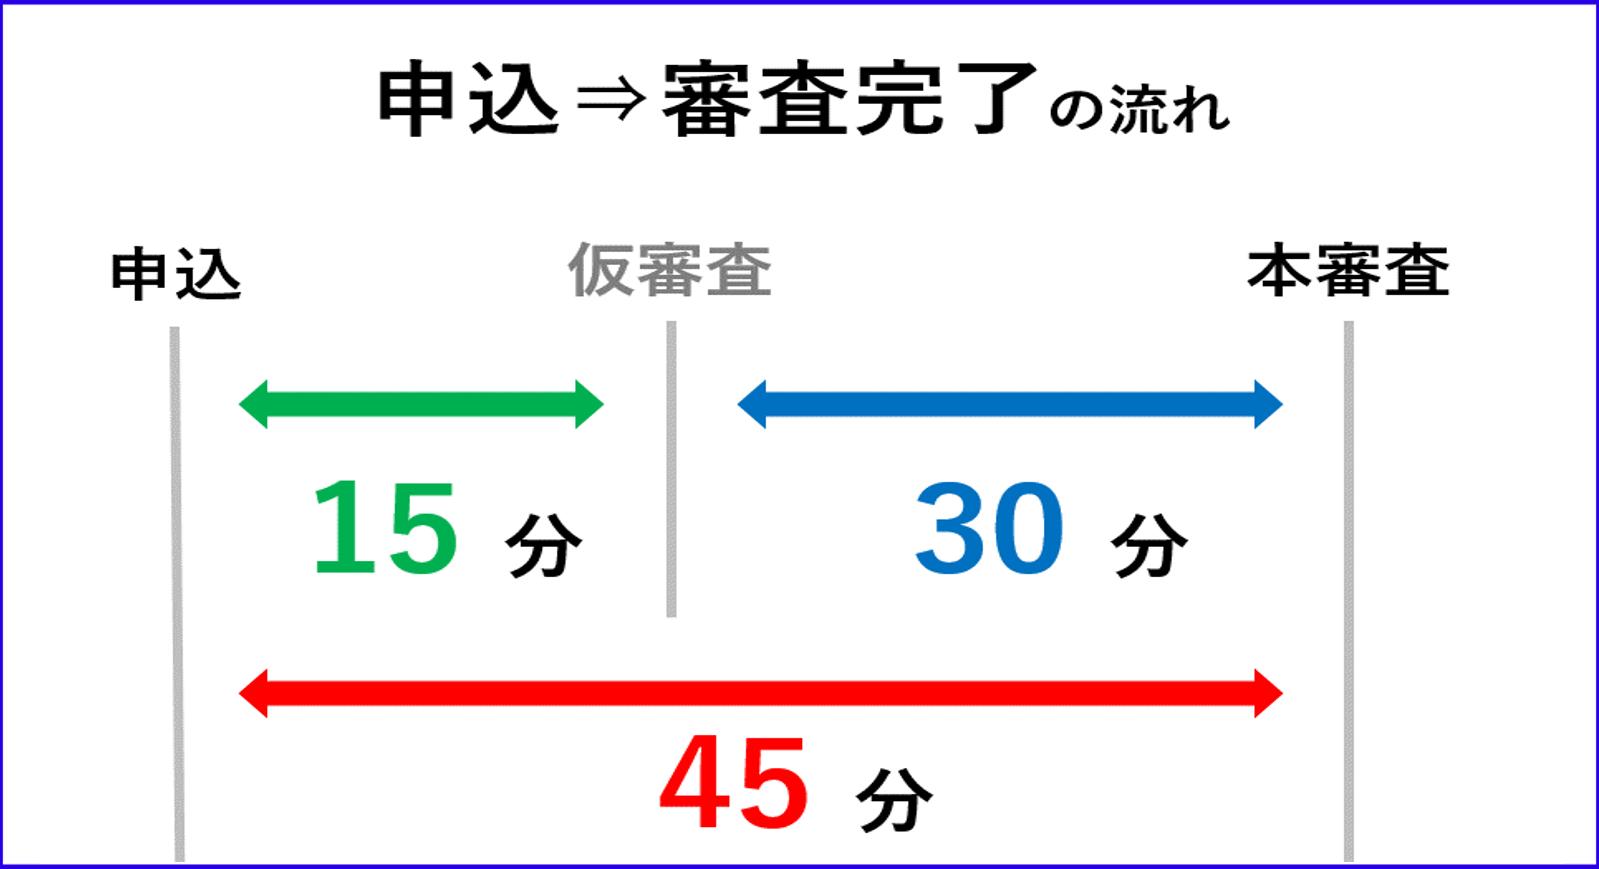 申し込み→審査完了の流れ